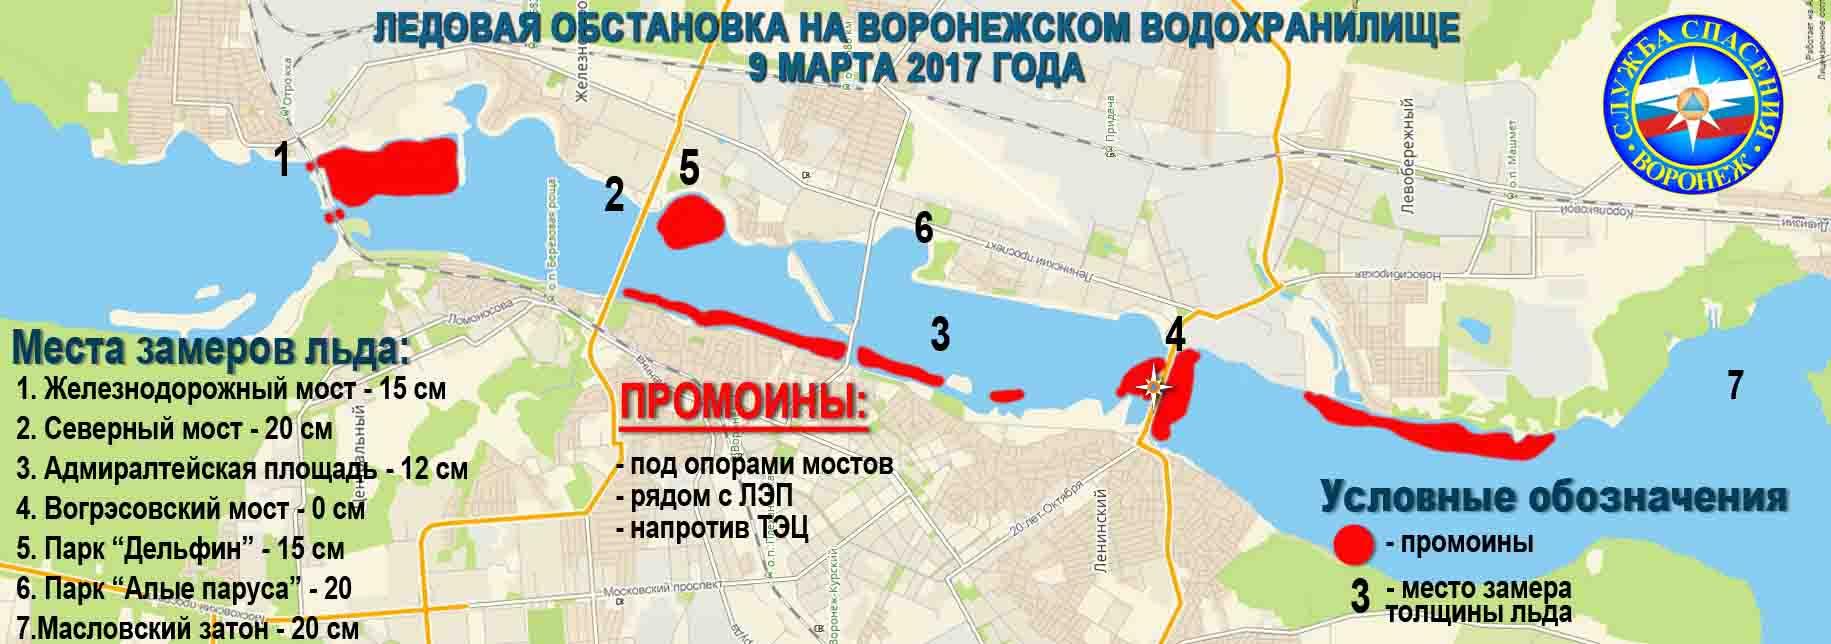 http://s8.uploads.ru/RHwkV.jpg